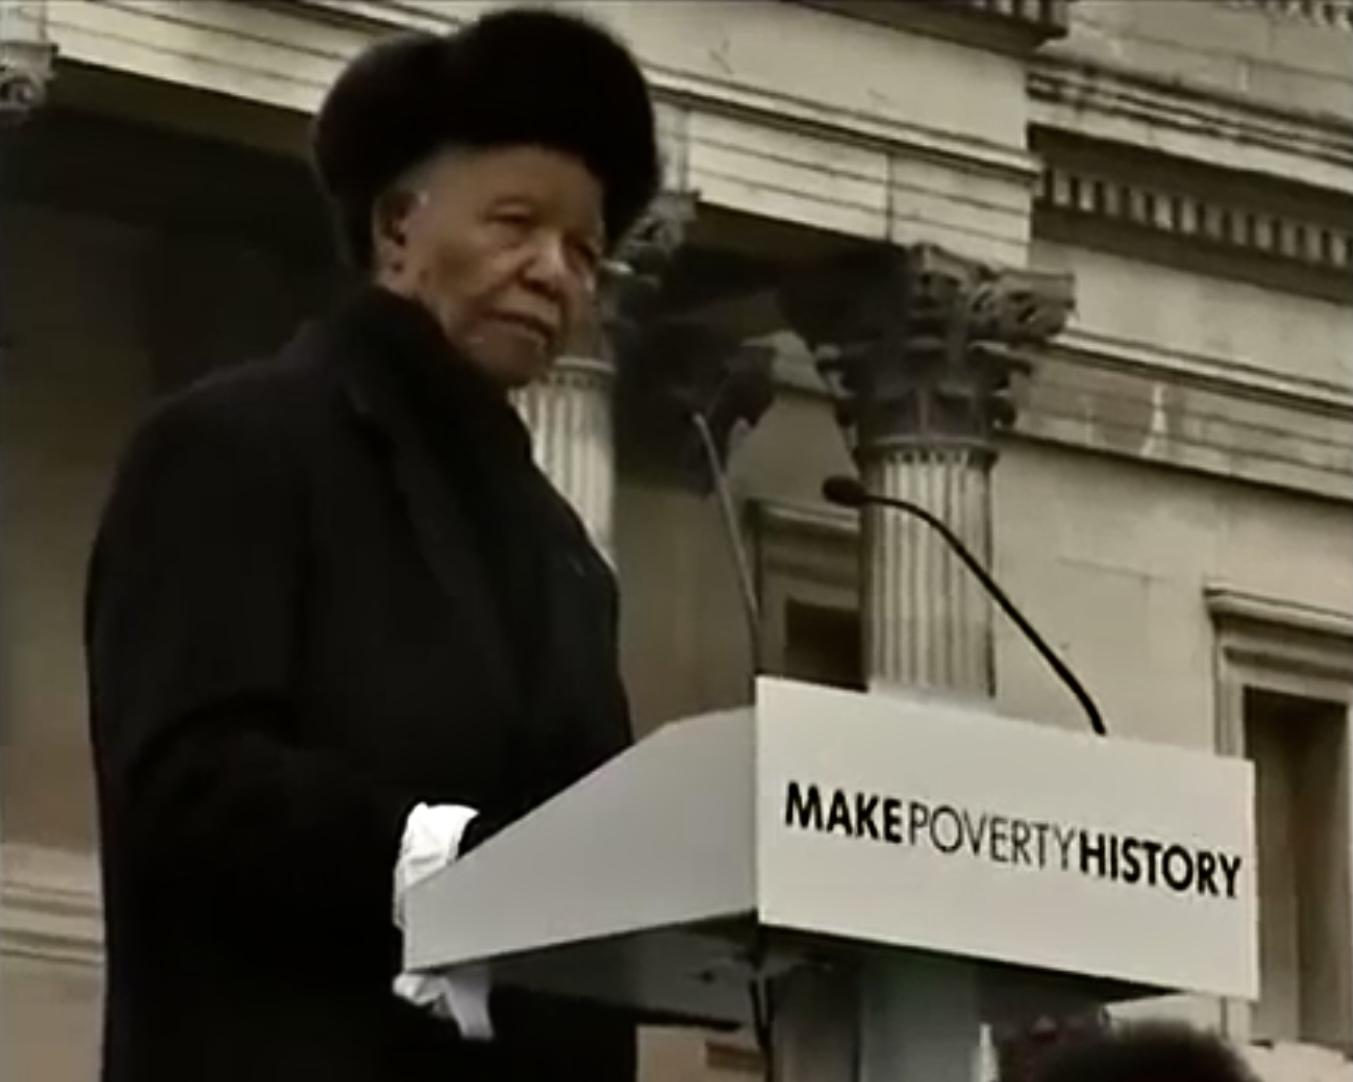 Il Ricordo, 7 Anni Senza Mandela. Quando A Trafalgar Square Ci Specchiavamo Nel Suo Sguardo